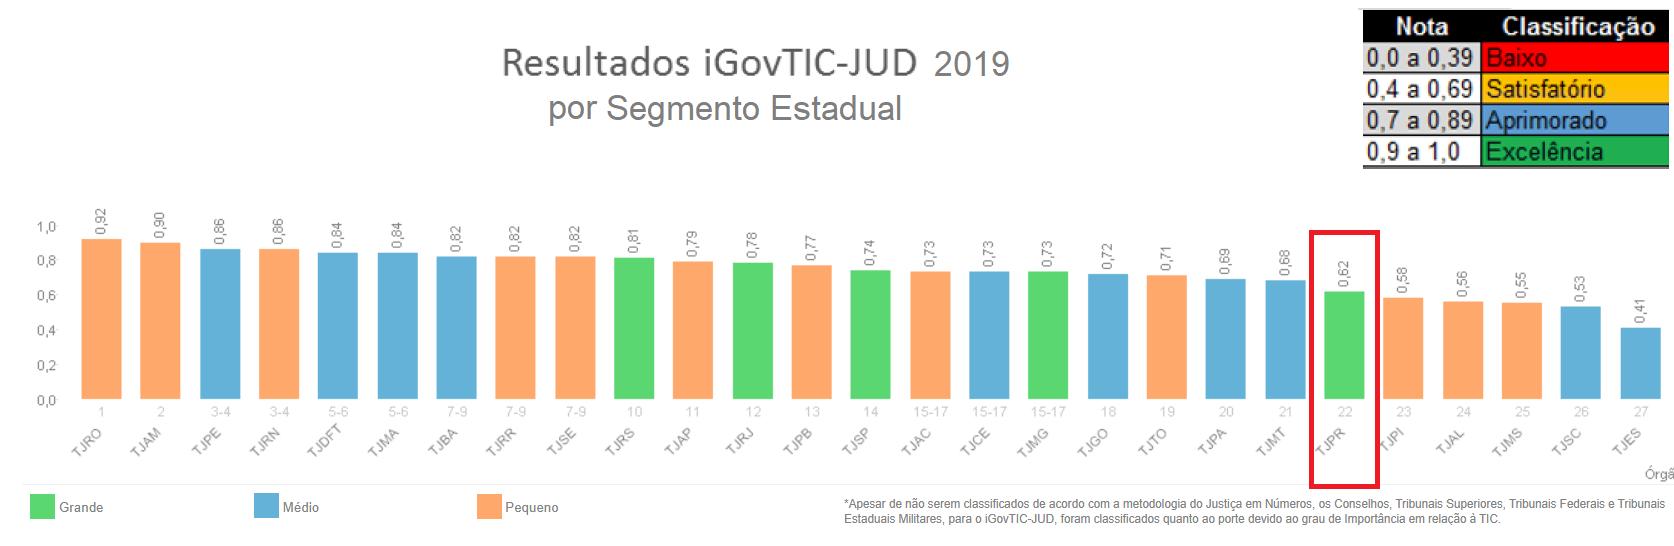 Resultados iGovTIC-JUD 2019 por Tribunais de Justiça Estaduais